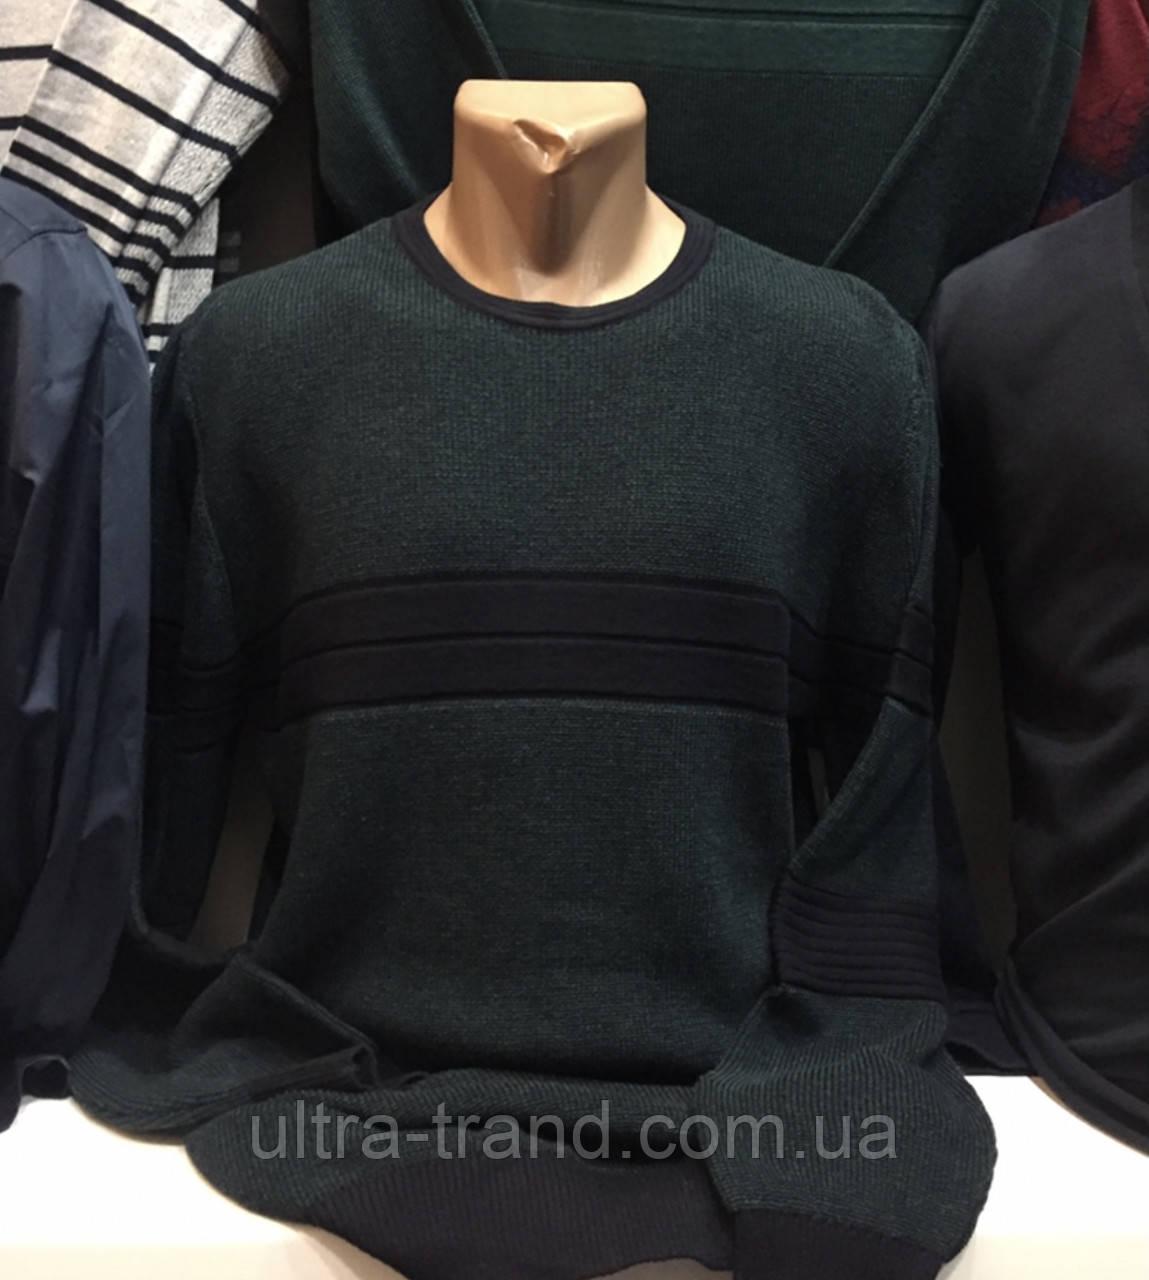 Турецкие мужские свитера  зеленогоцвета